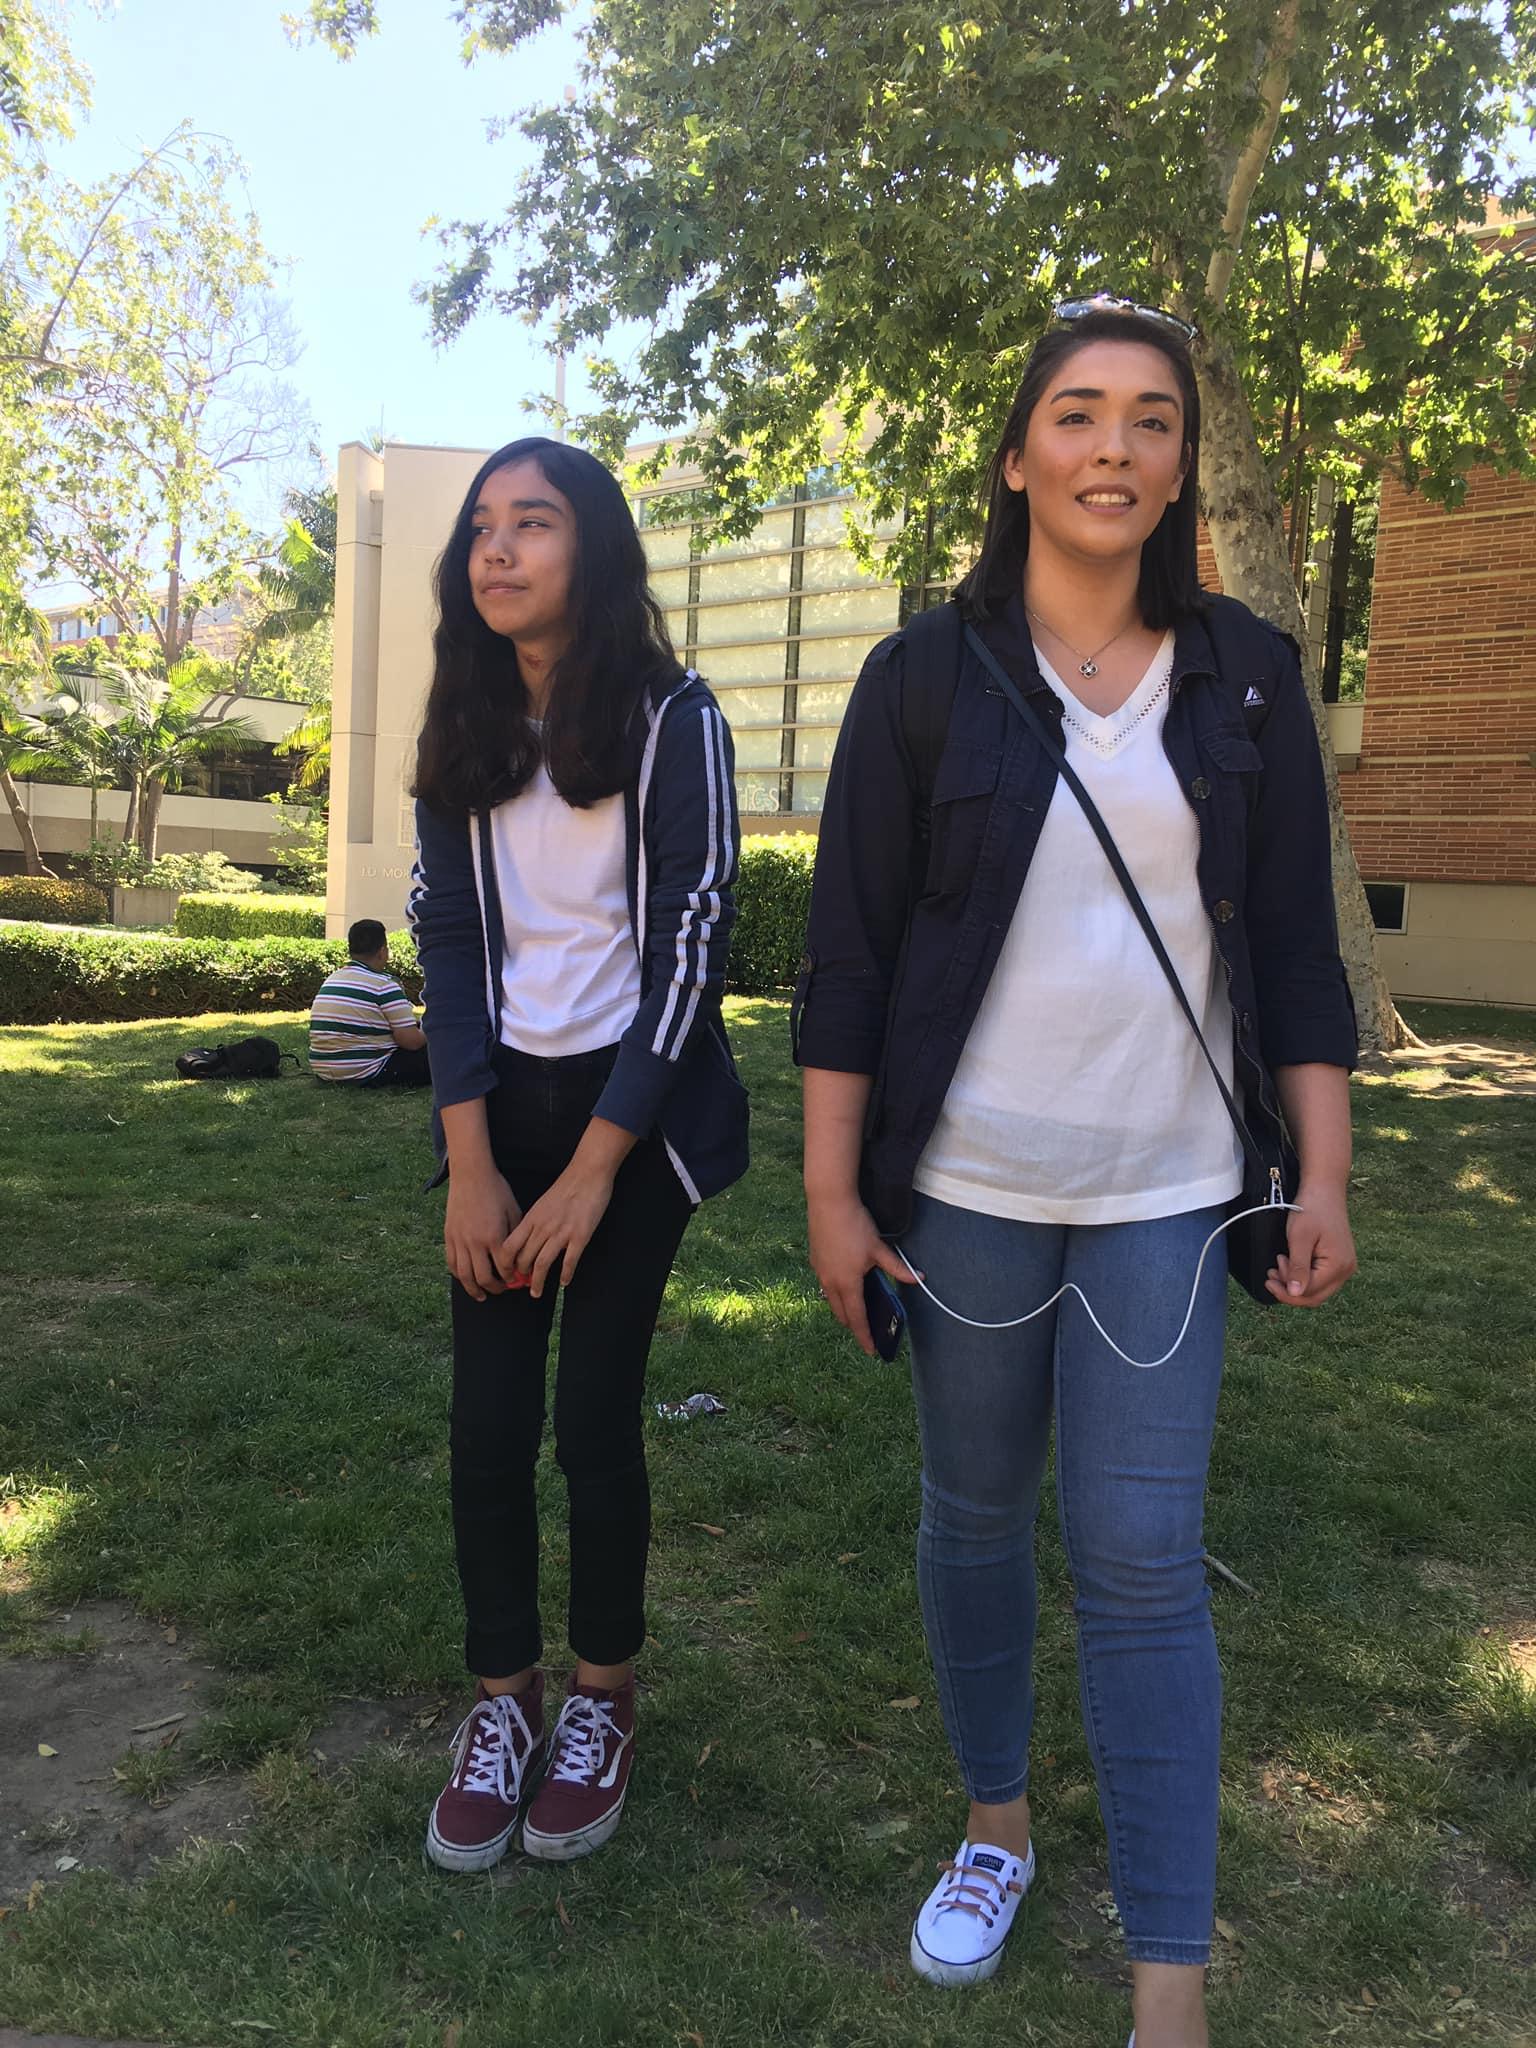 UCLA_Campus_Visit_30